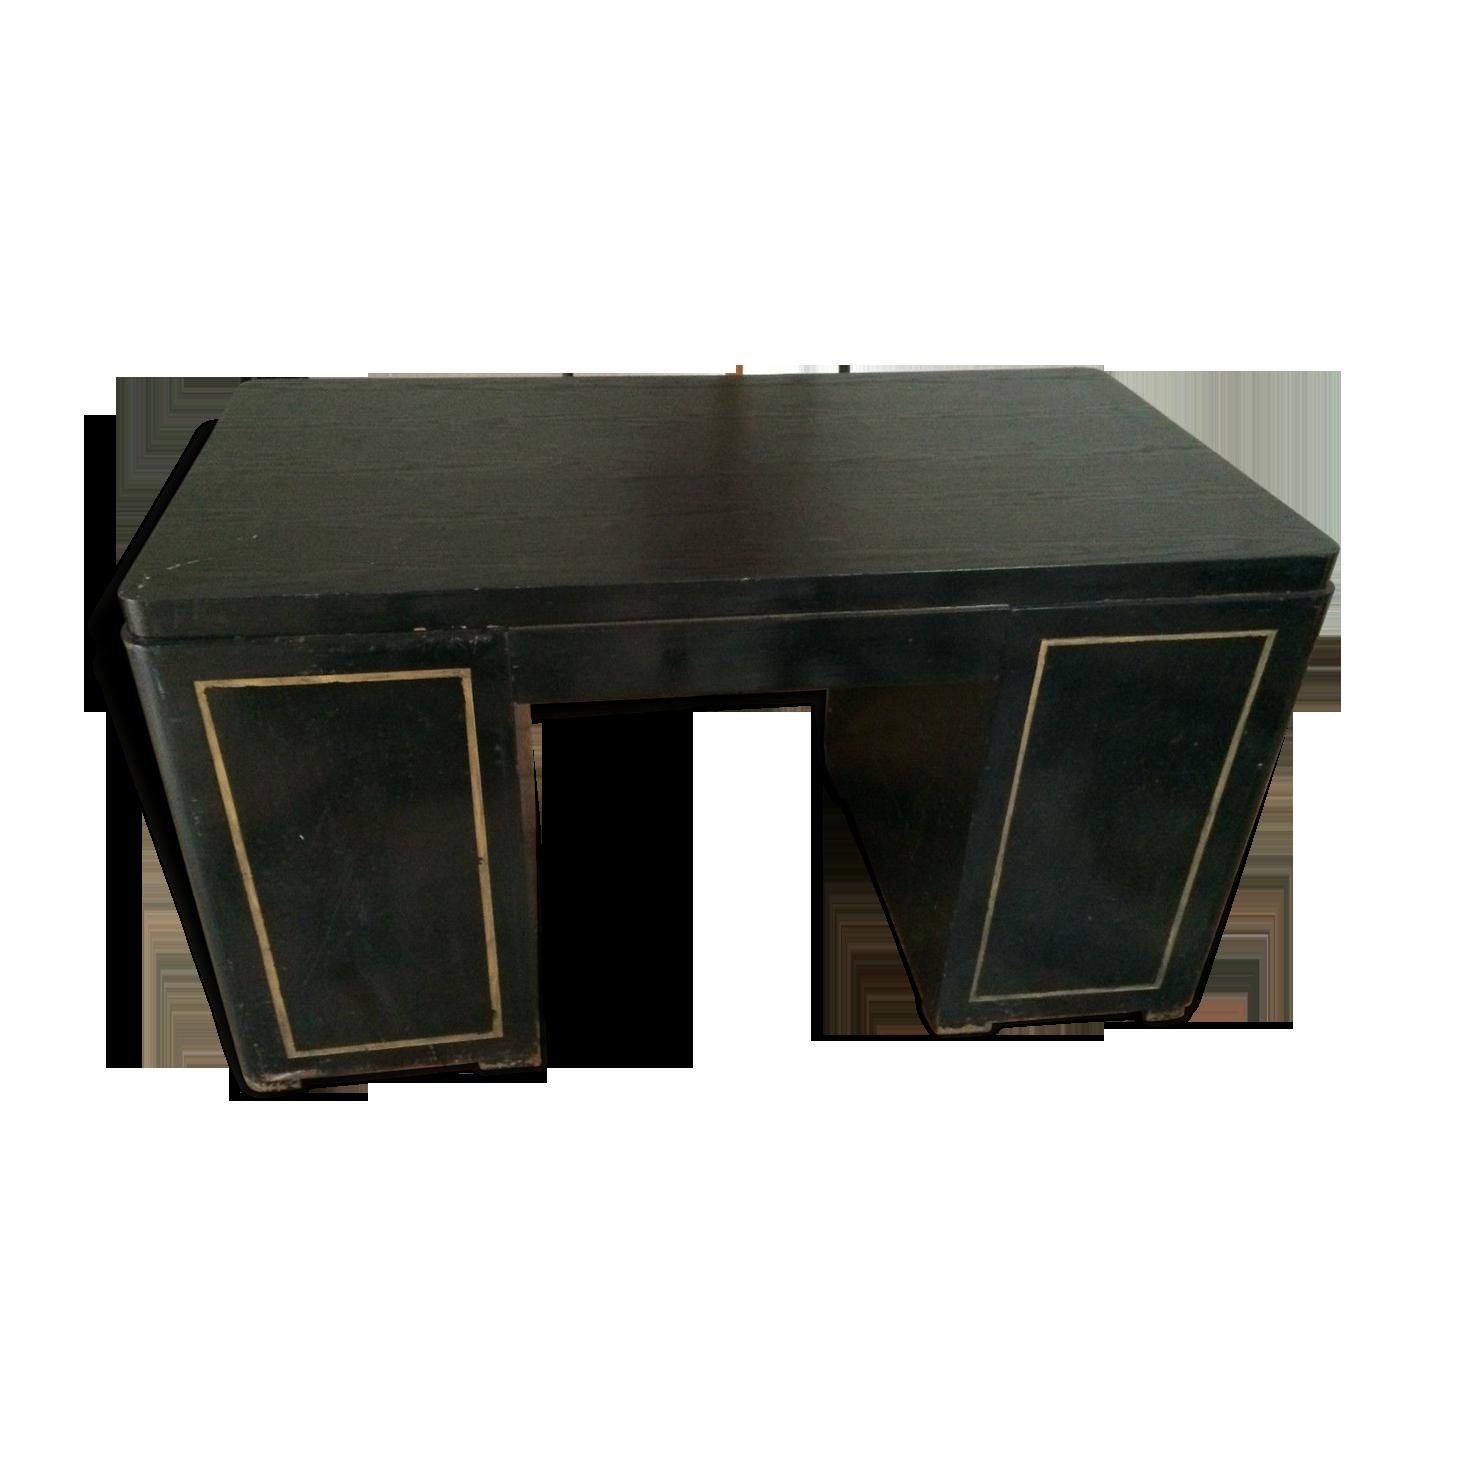 Bureau en bois noirci bois matériau noir vintage rno wxk